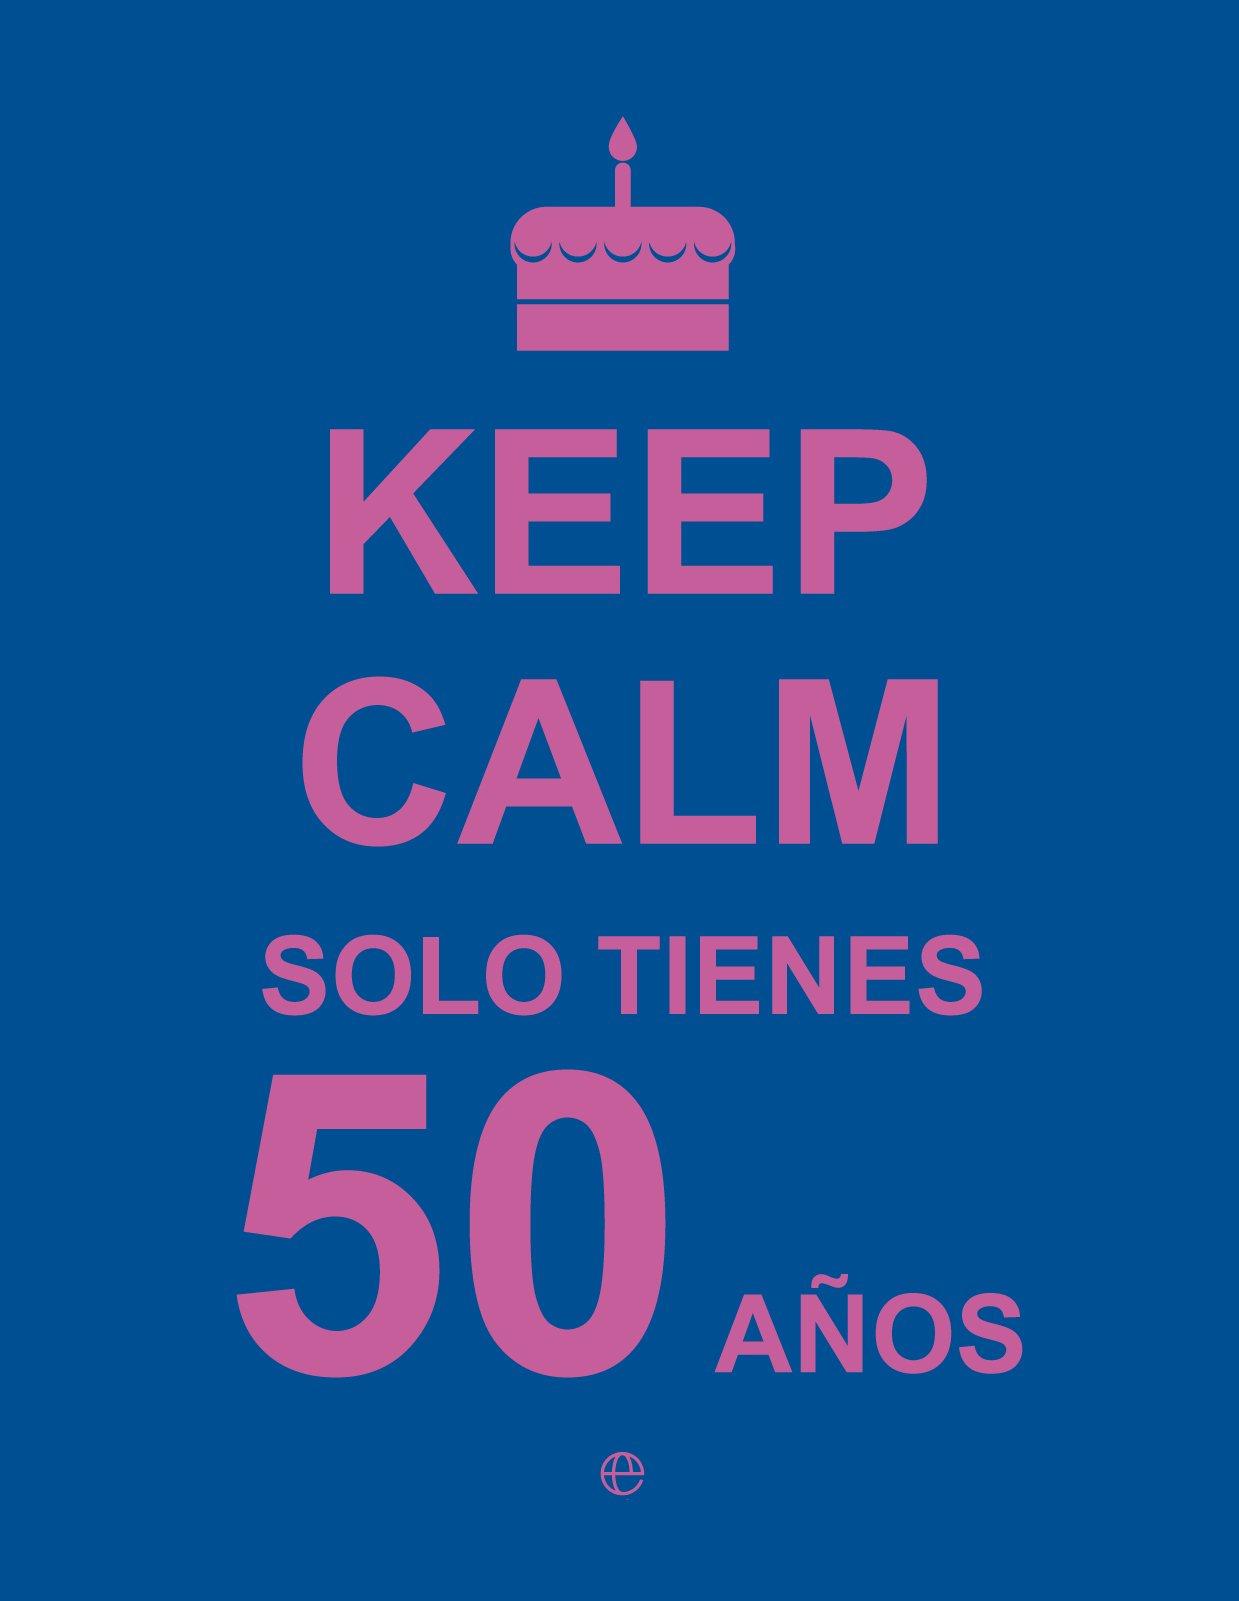 Keep calm solo tienes 50 años: VV. AA.: 9788490602447 ...